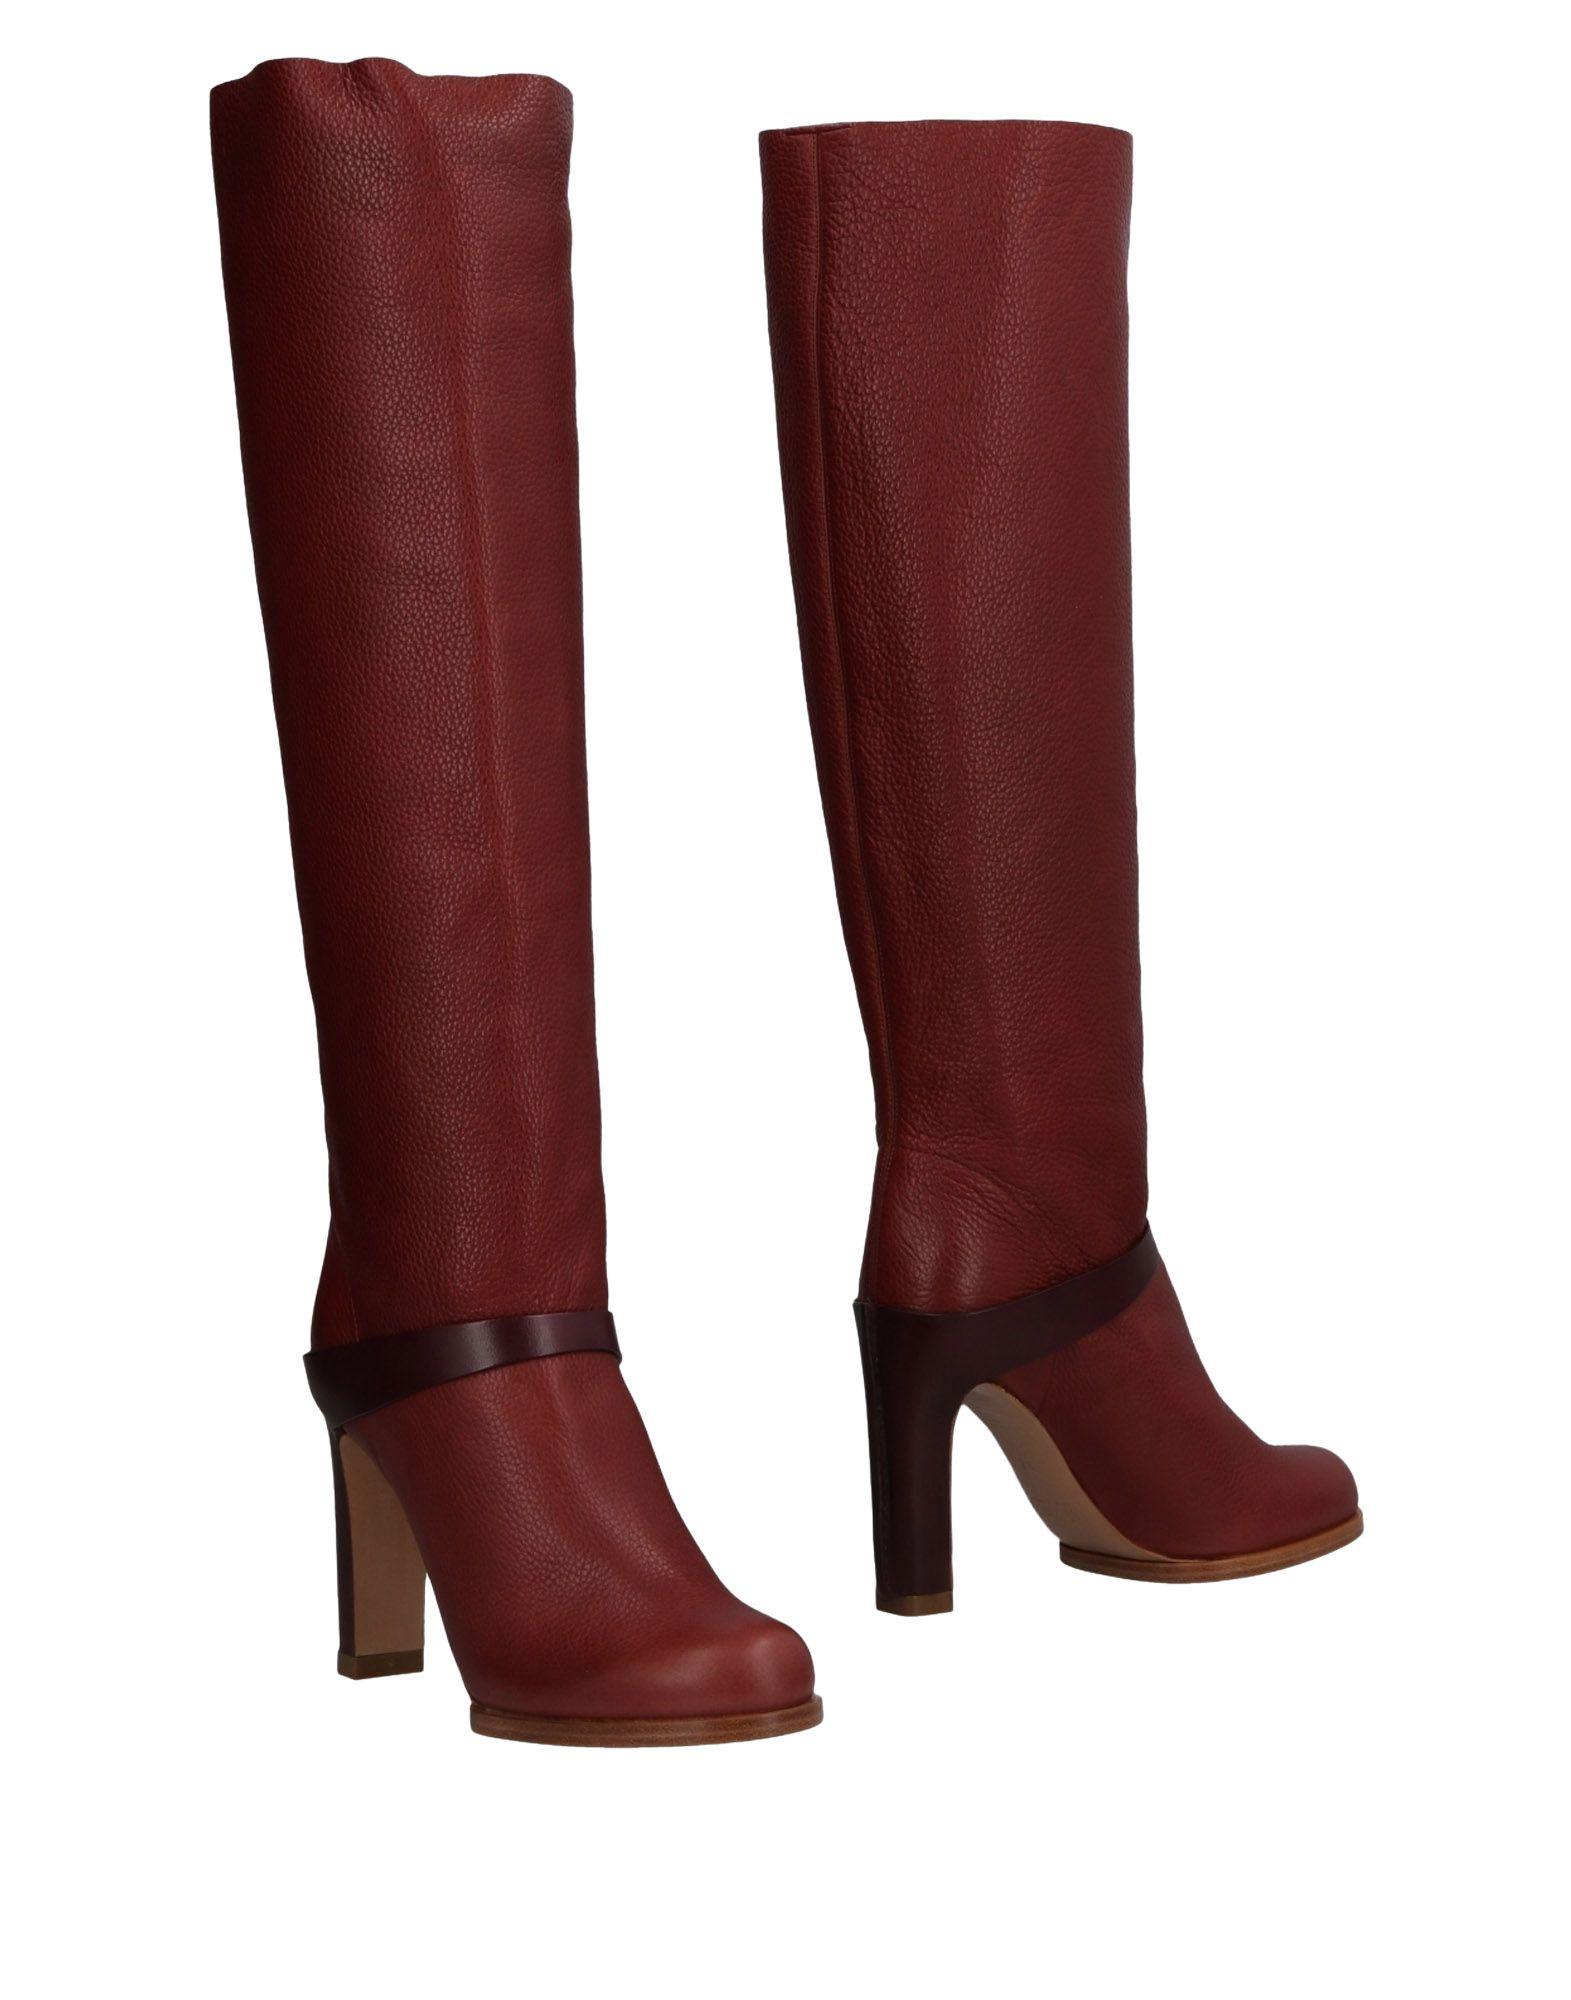 Chloé Stiefel Damen 11488819LBGünstige aussehende gut aussehende 11488819LBGünstige Schuhe f40711